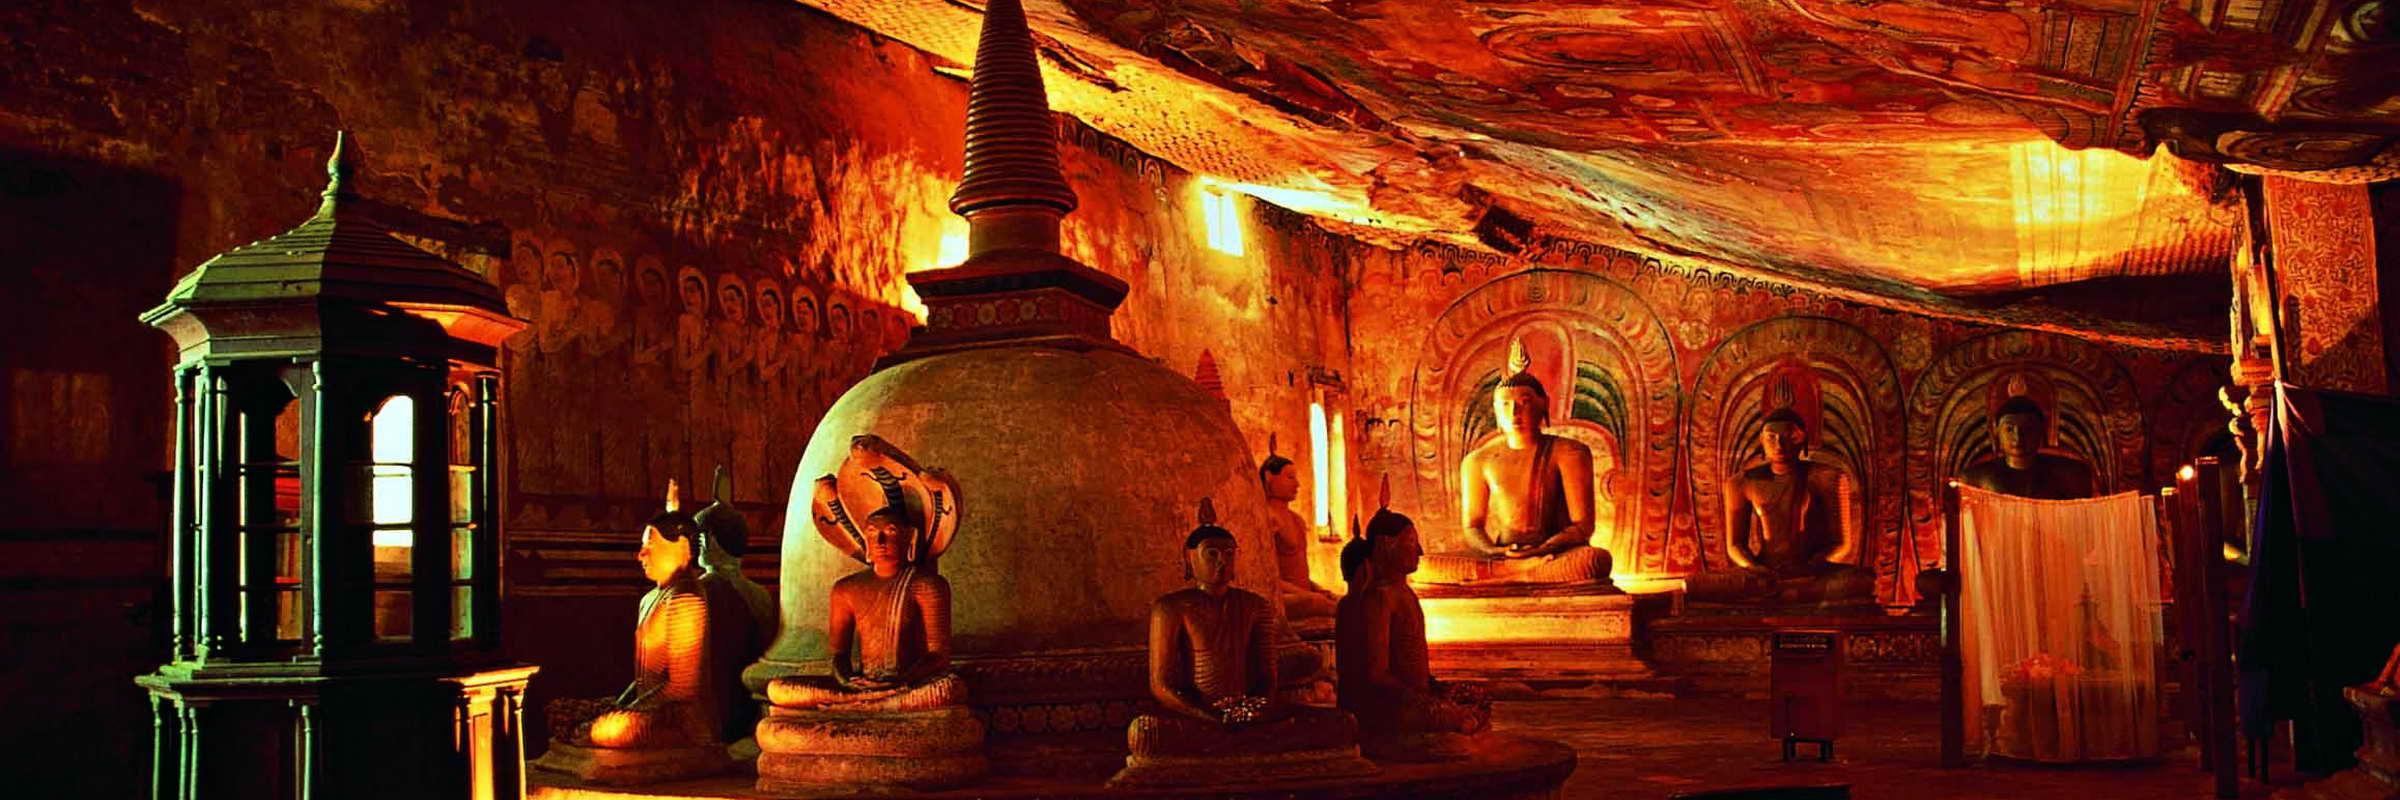 Im Inneren des Tempelanlagen von Dambulla – Sri Lanka und Malediven